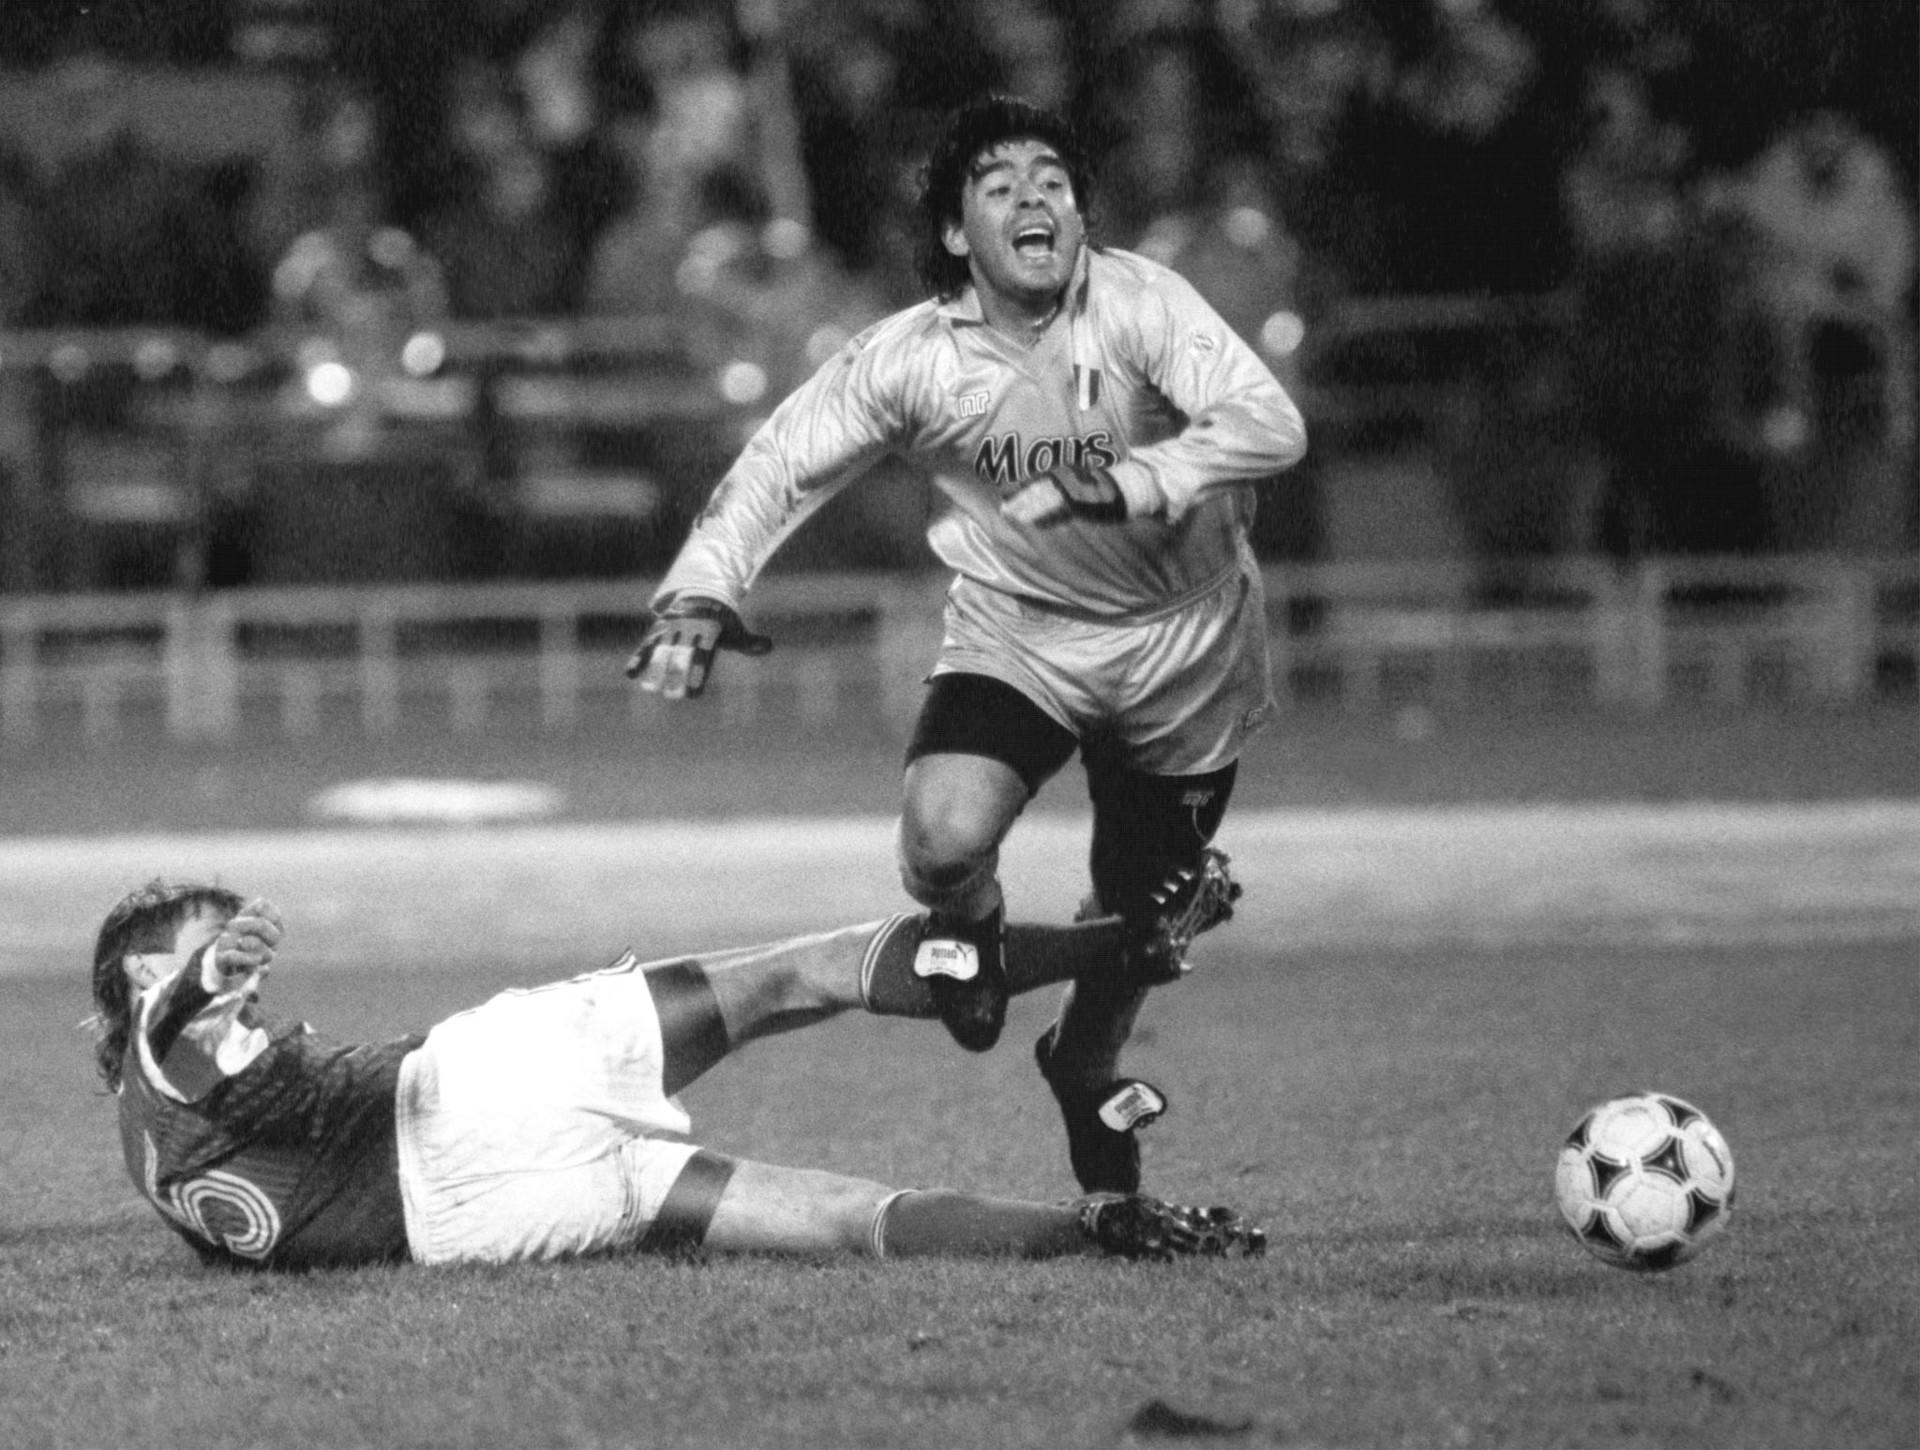 Boris Pozdnjakov ferma in tackle Maradona in Spartak Mosca-Napoli